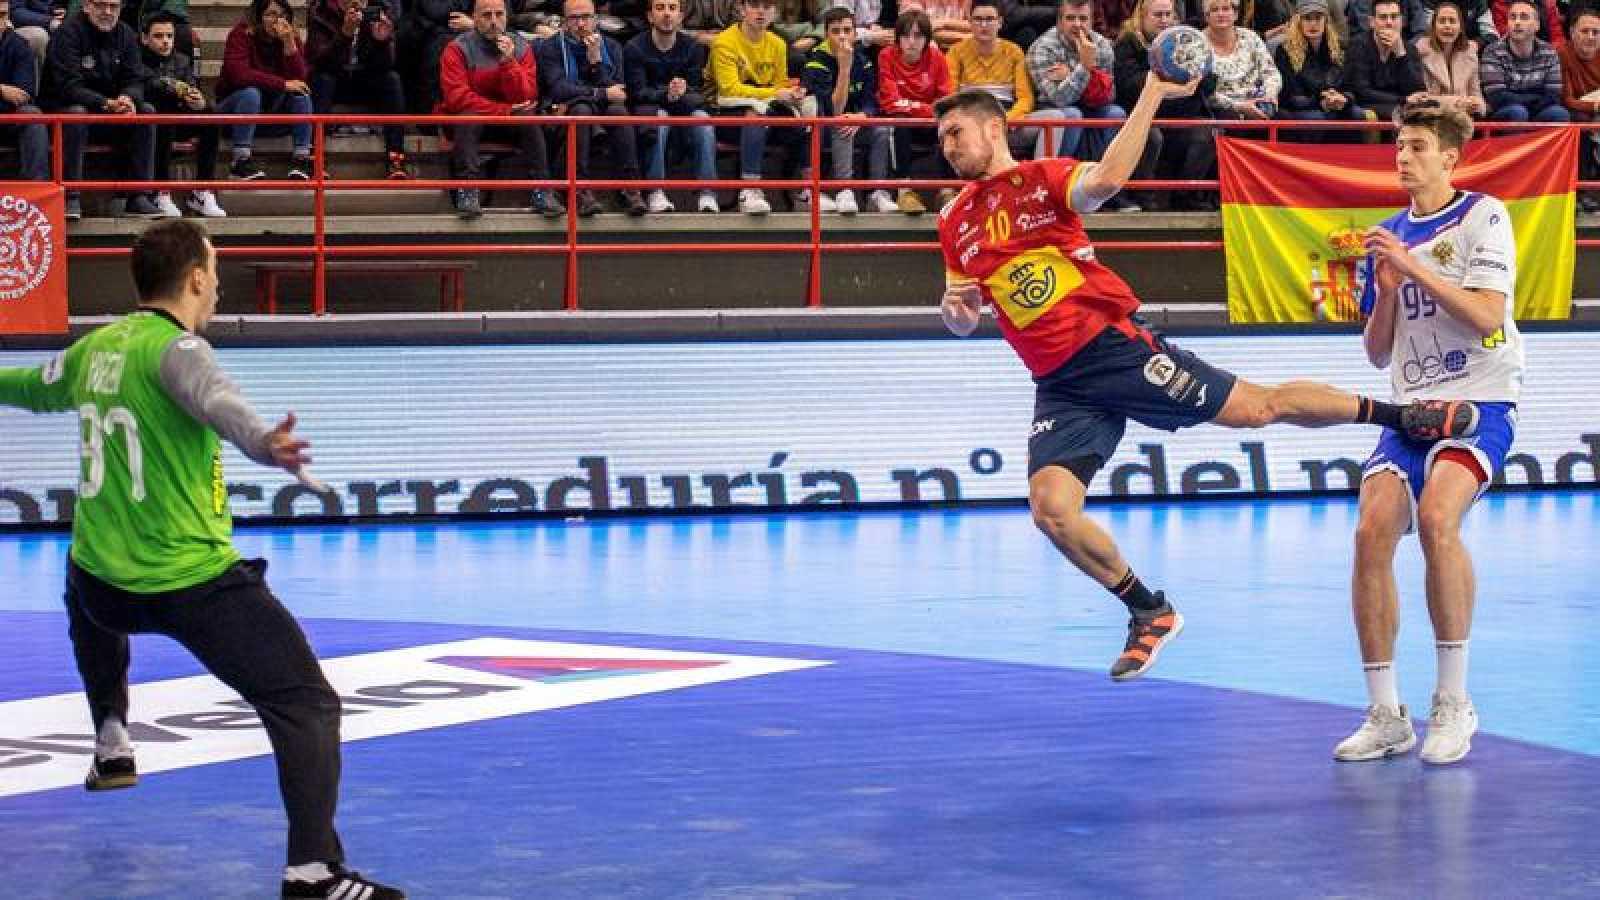 Un momento del partido amistoso entre España y Rusia previo al Europeo de Austria, Noruega y Suecia.